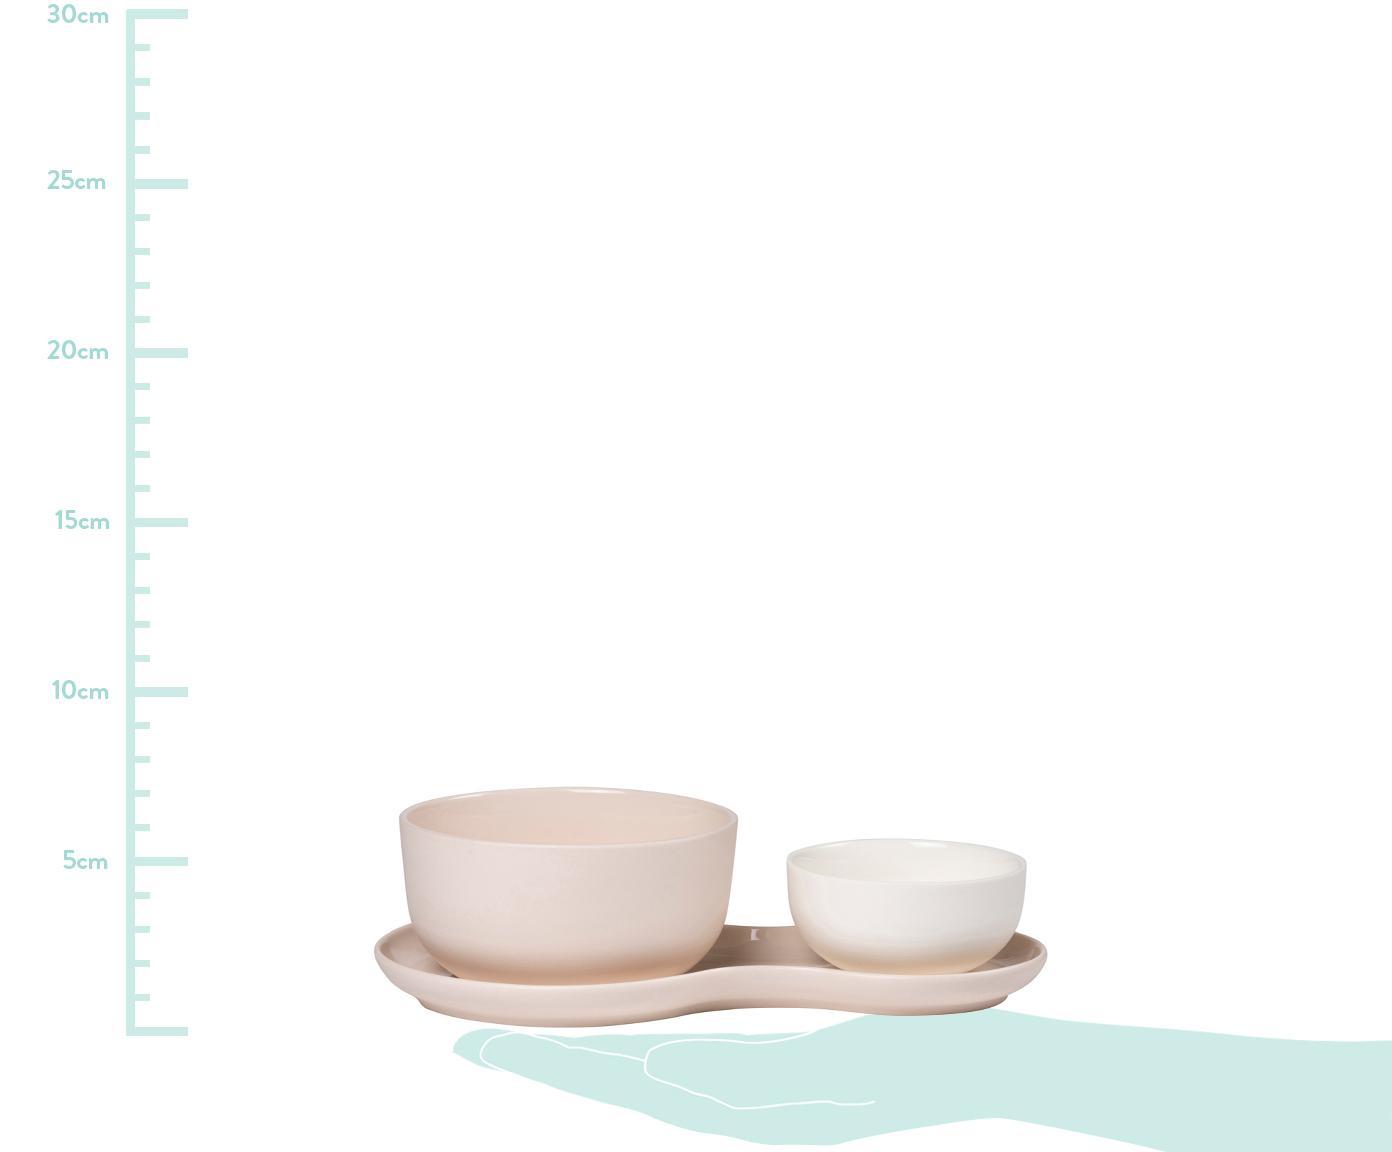 Komplet do serwowania Roseberry, 3 elem., Porcelana, Kremowy, blady różowy, Różne rozmiary